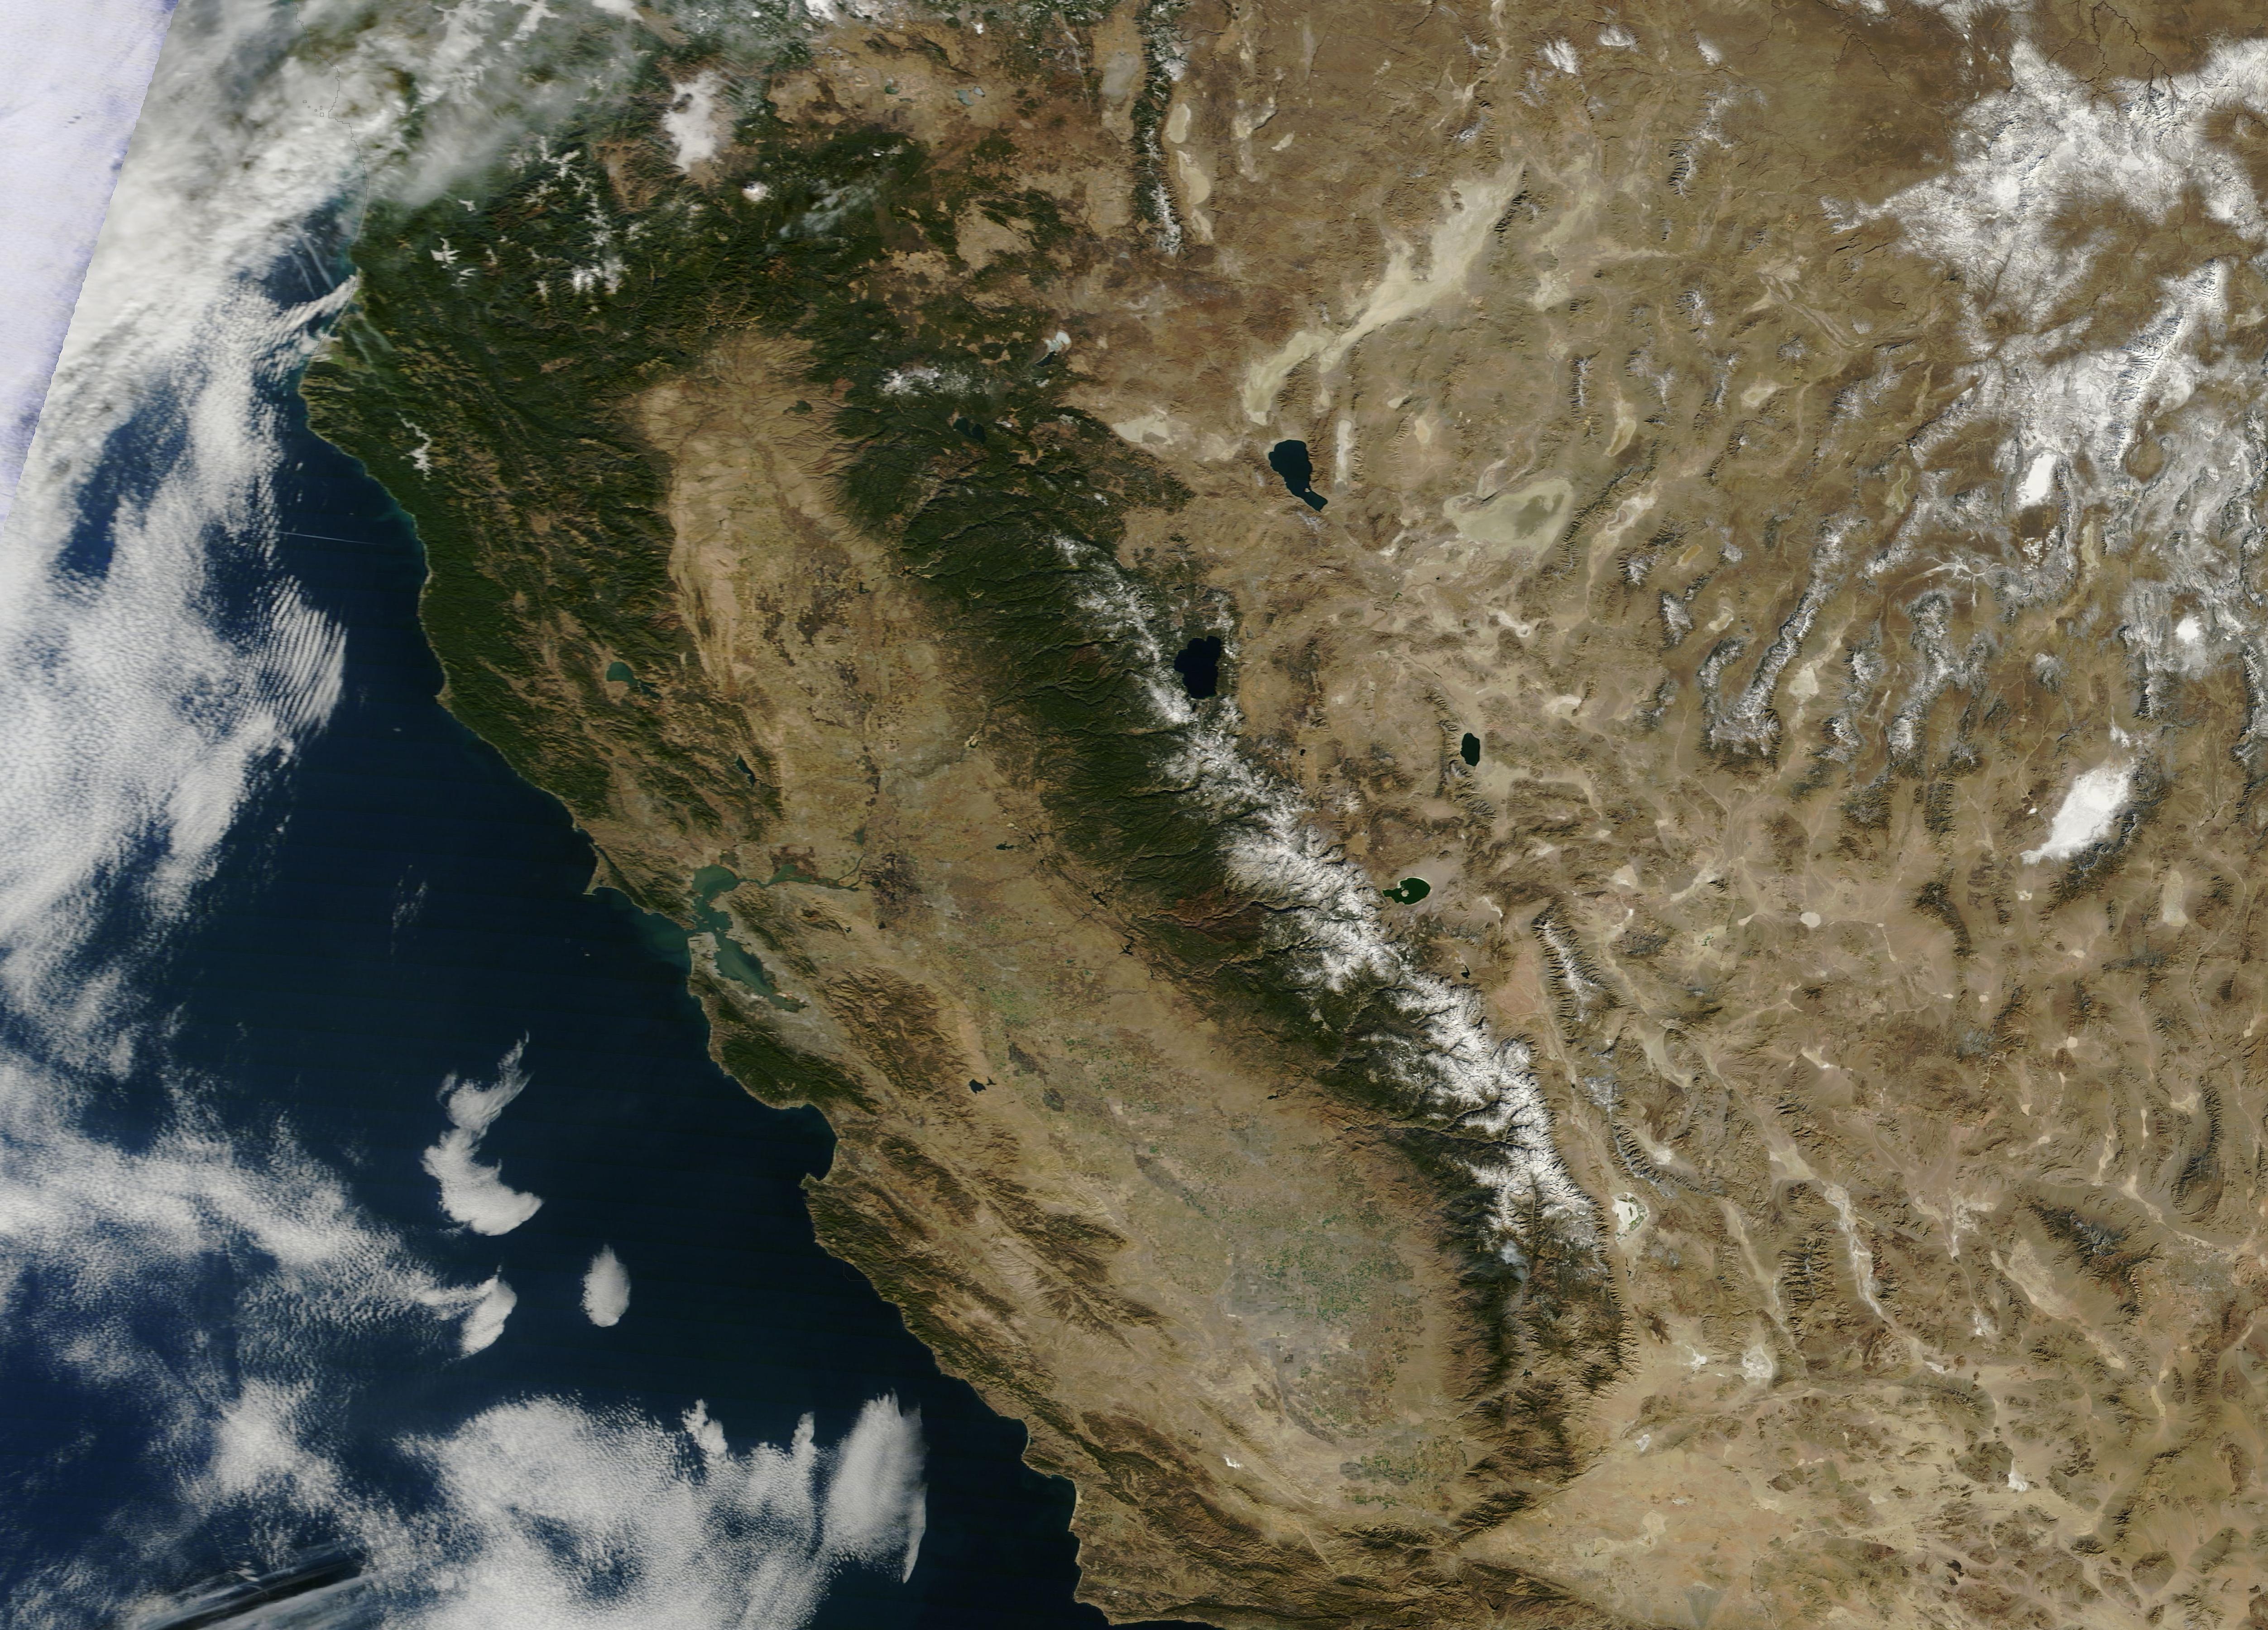 california drought nasa - photo #3